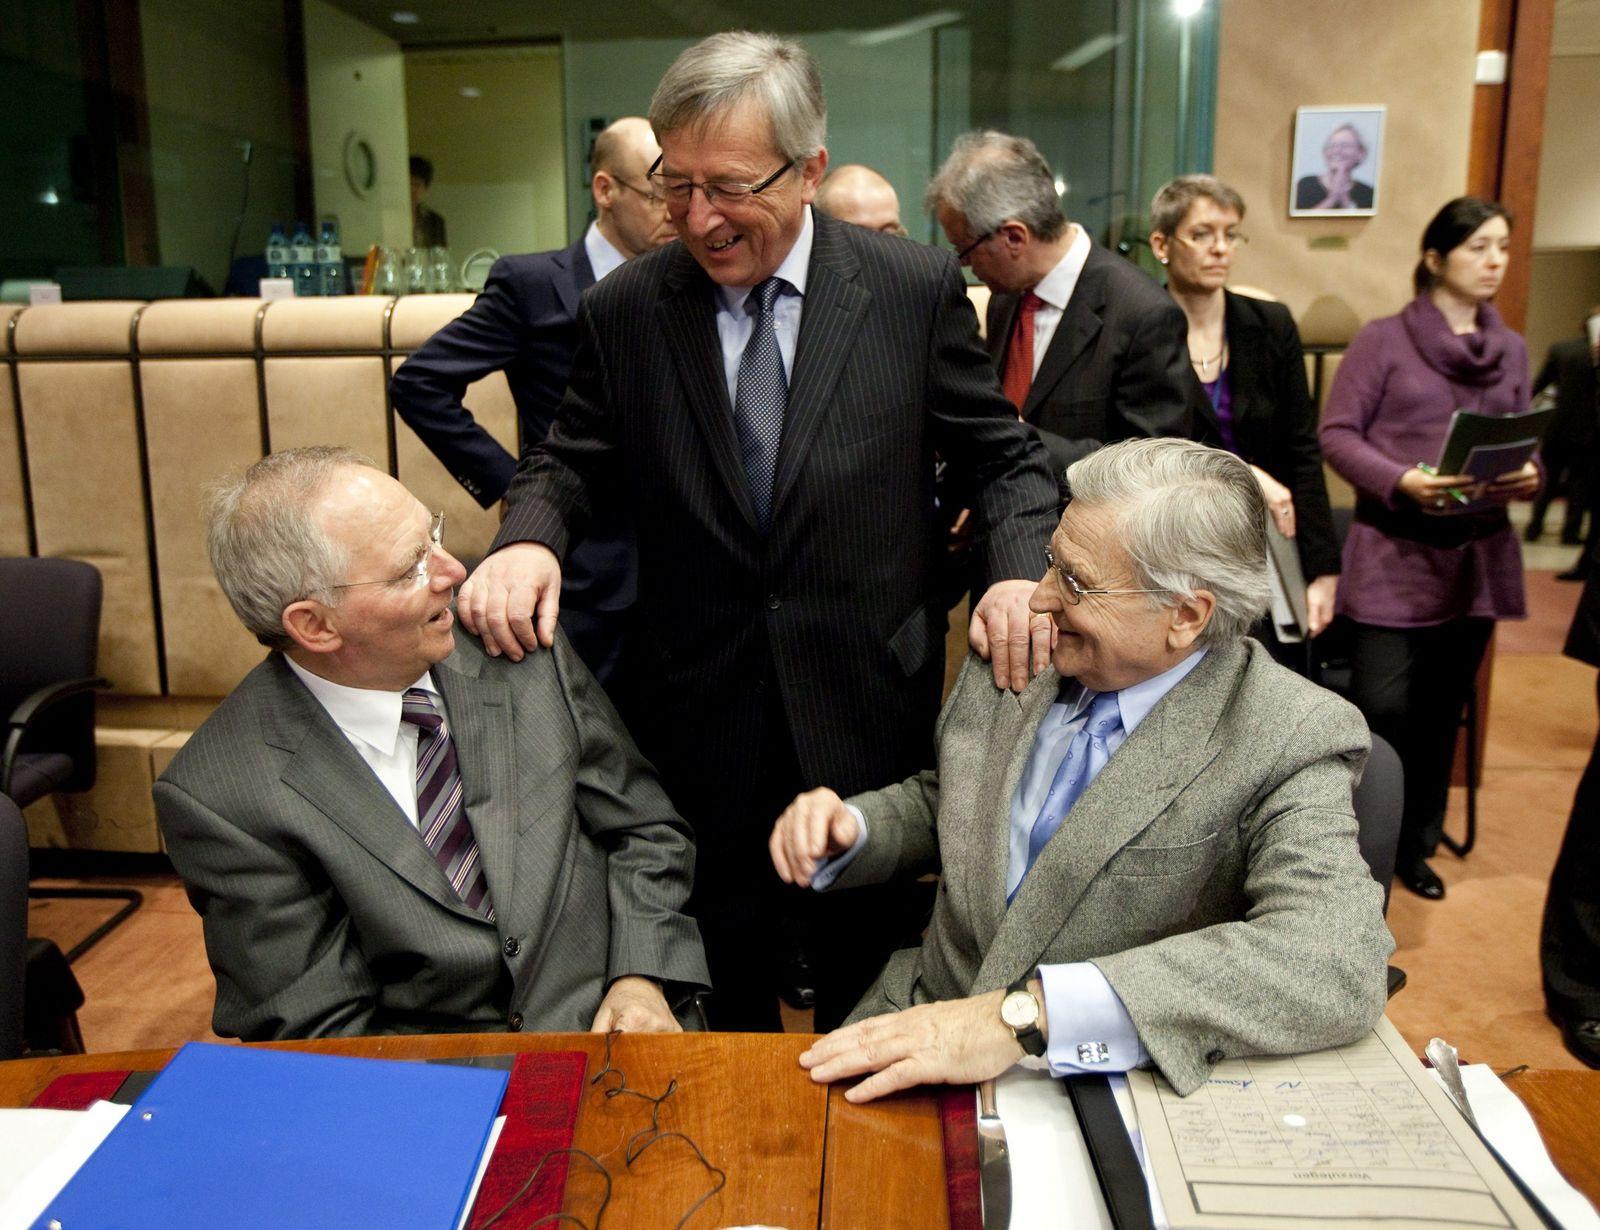 Schäuble Juncker Trichet